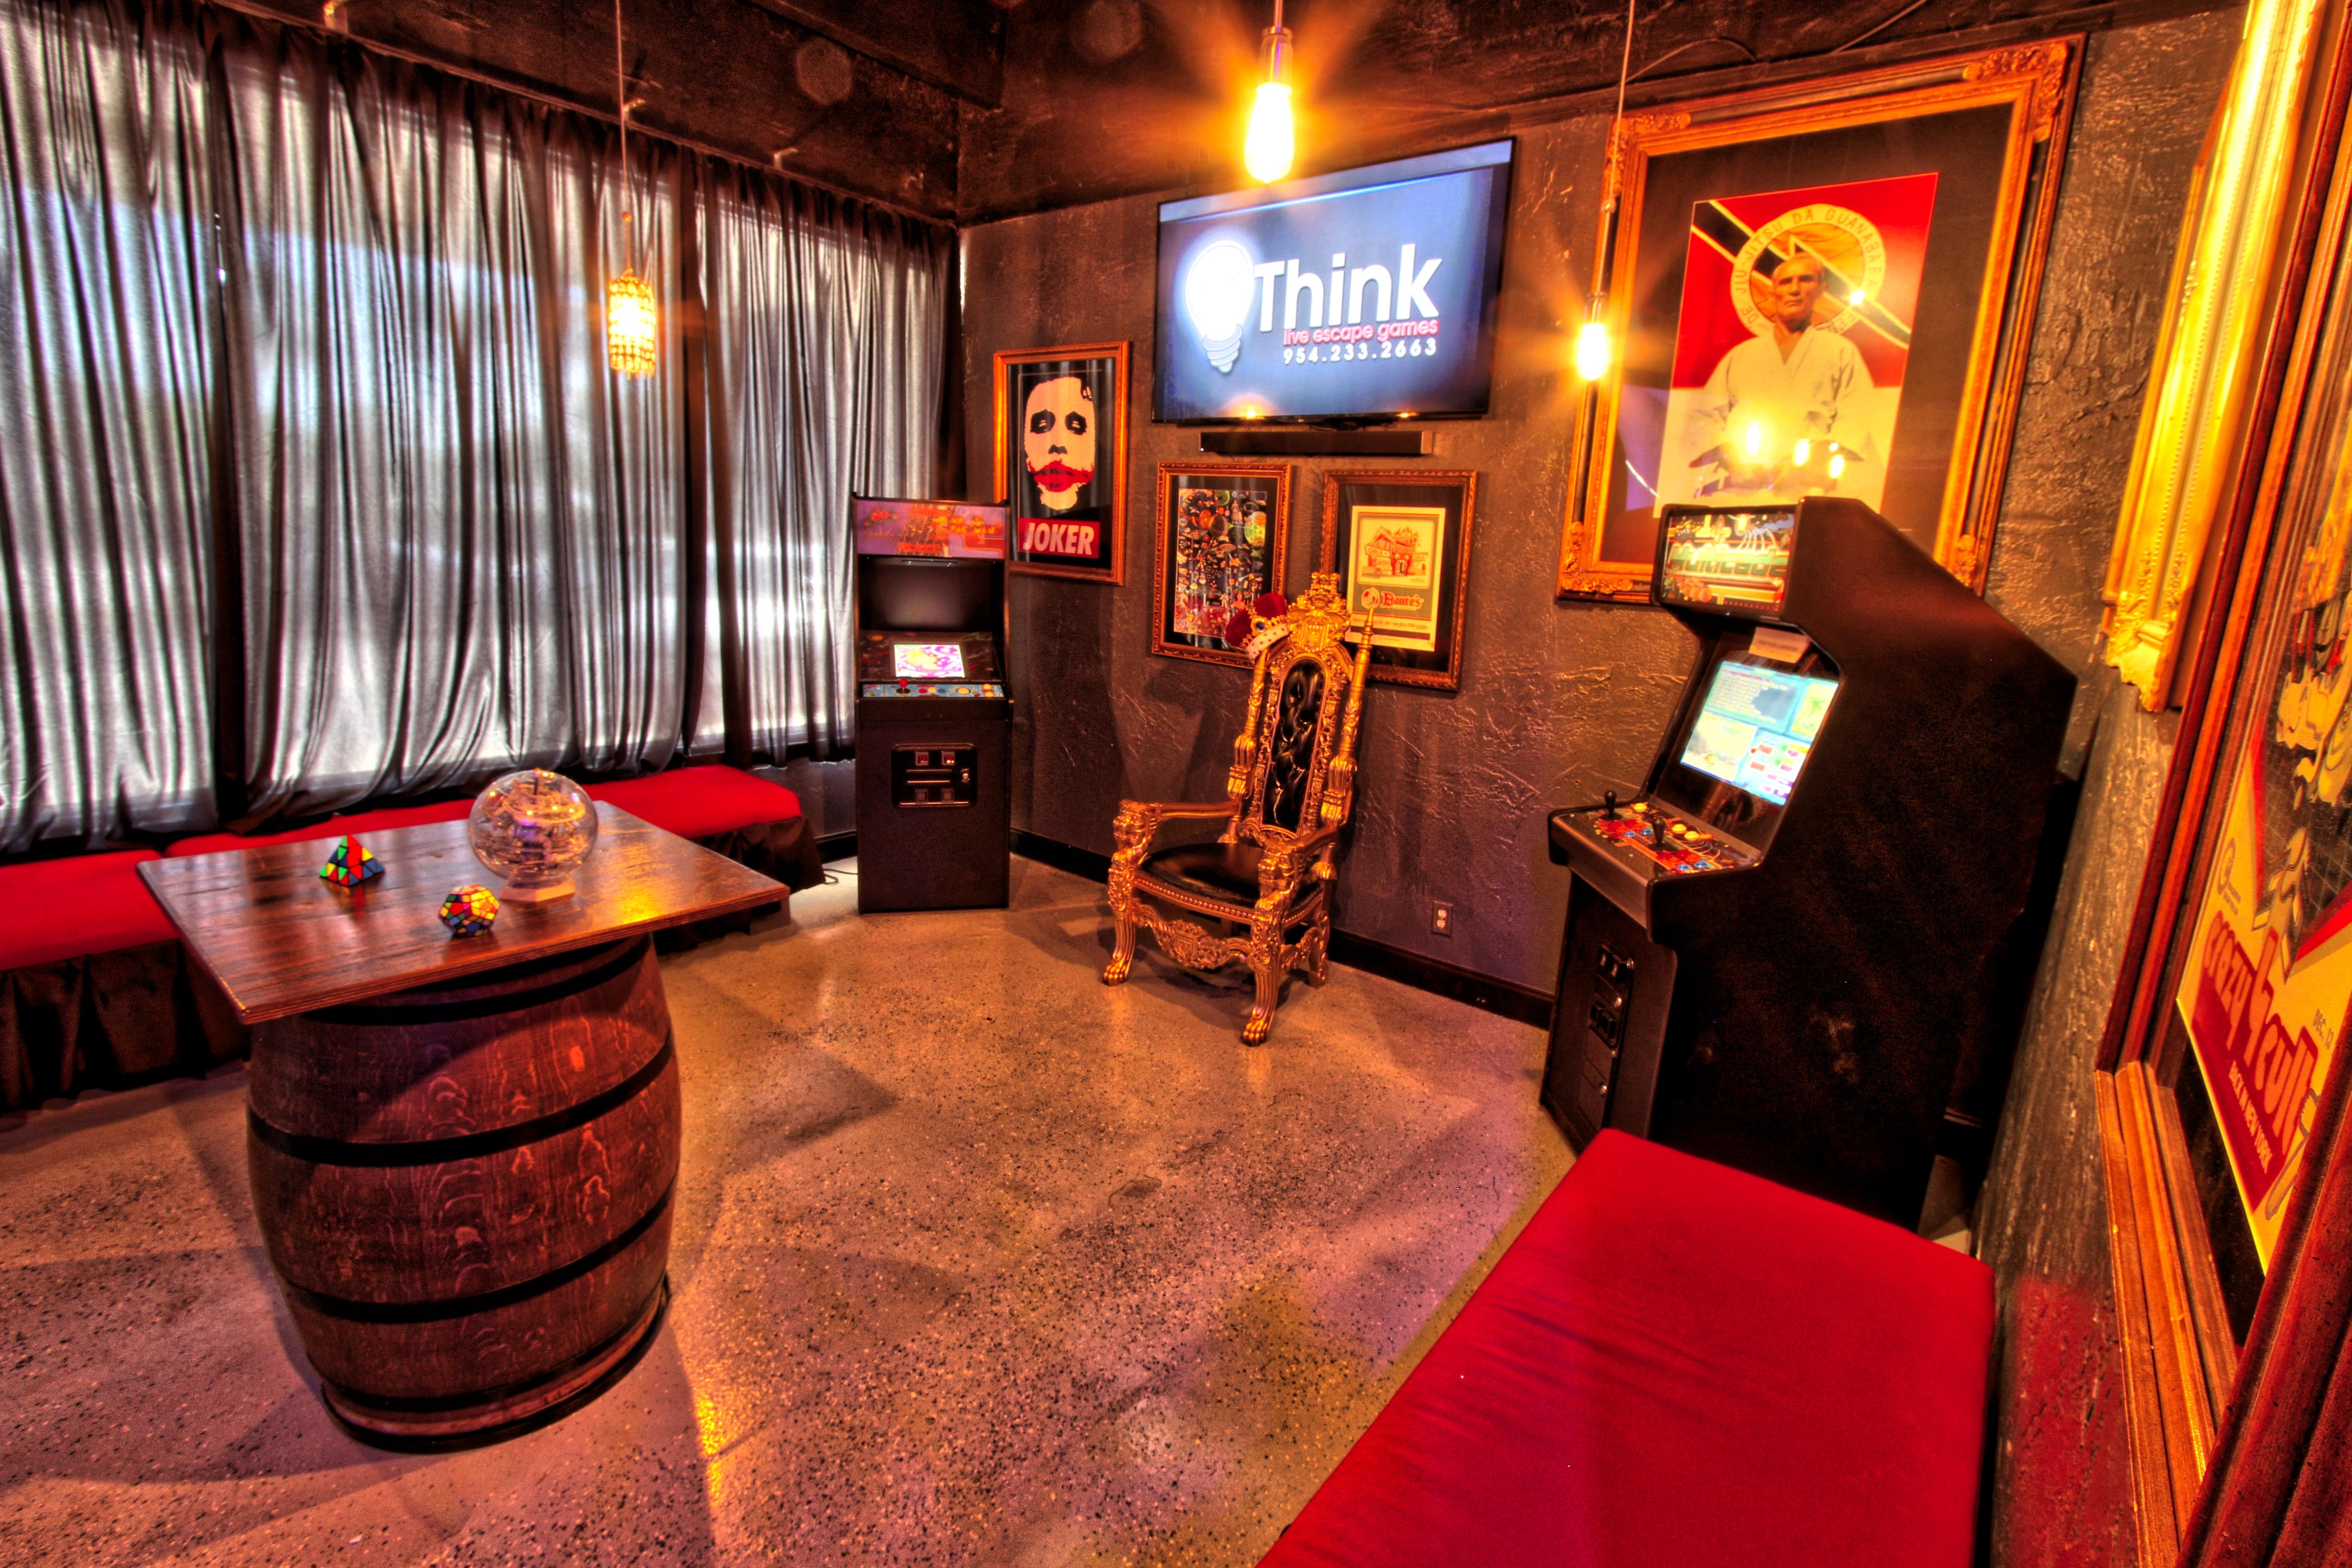 Think Escape Games Ft Lauderdale